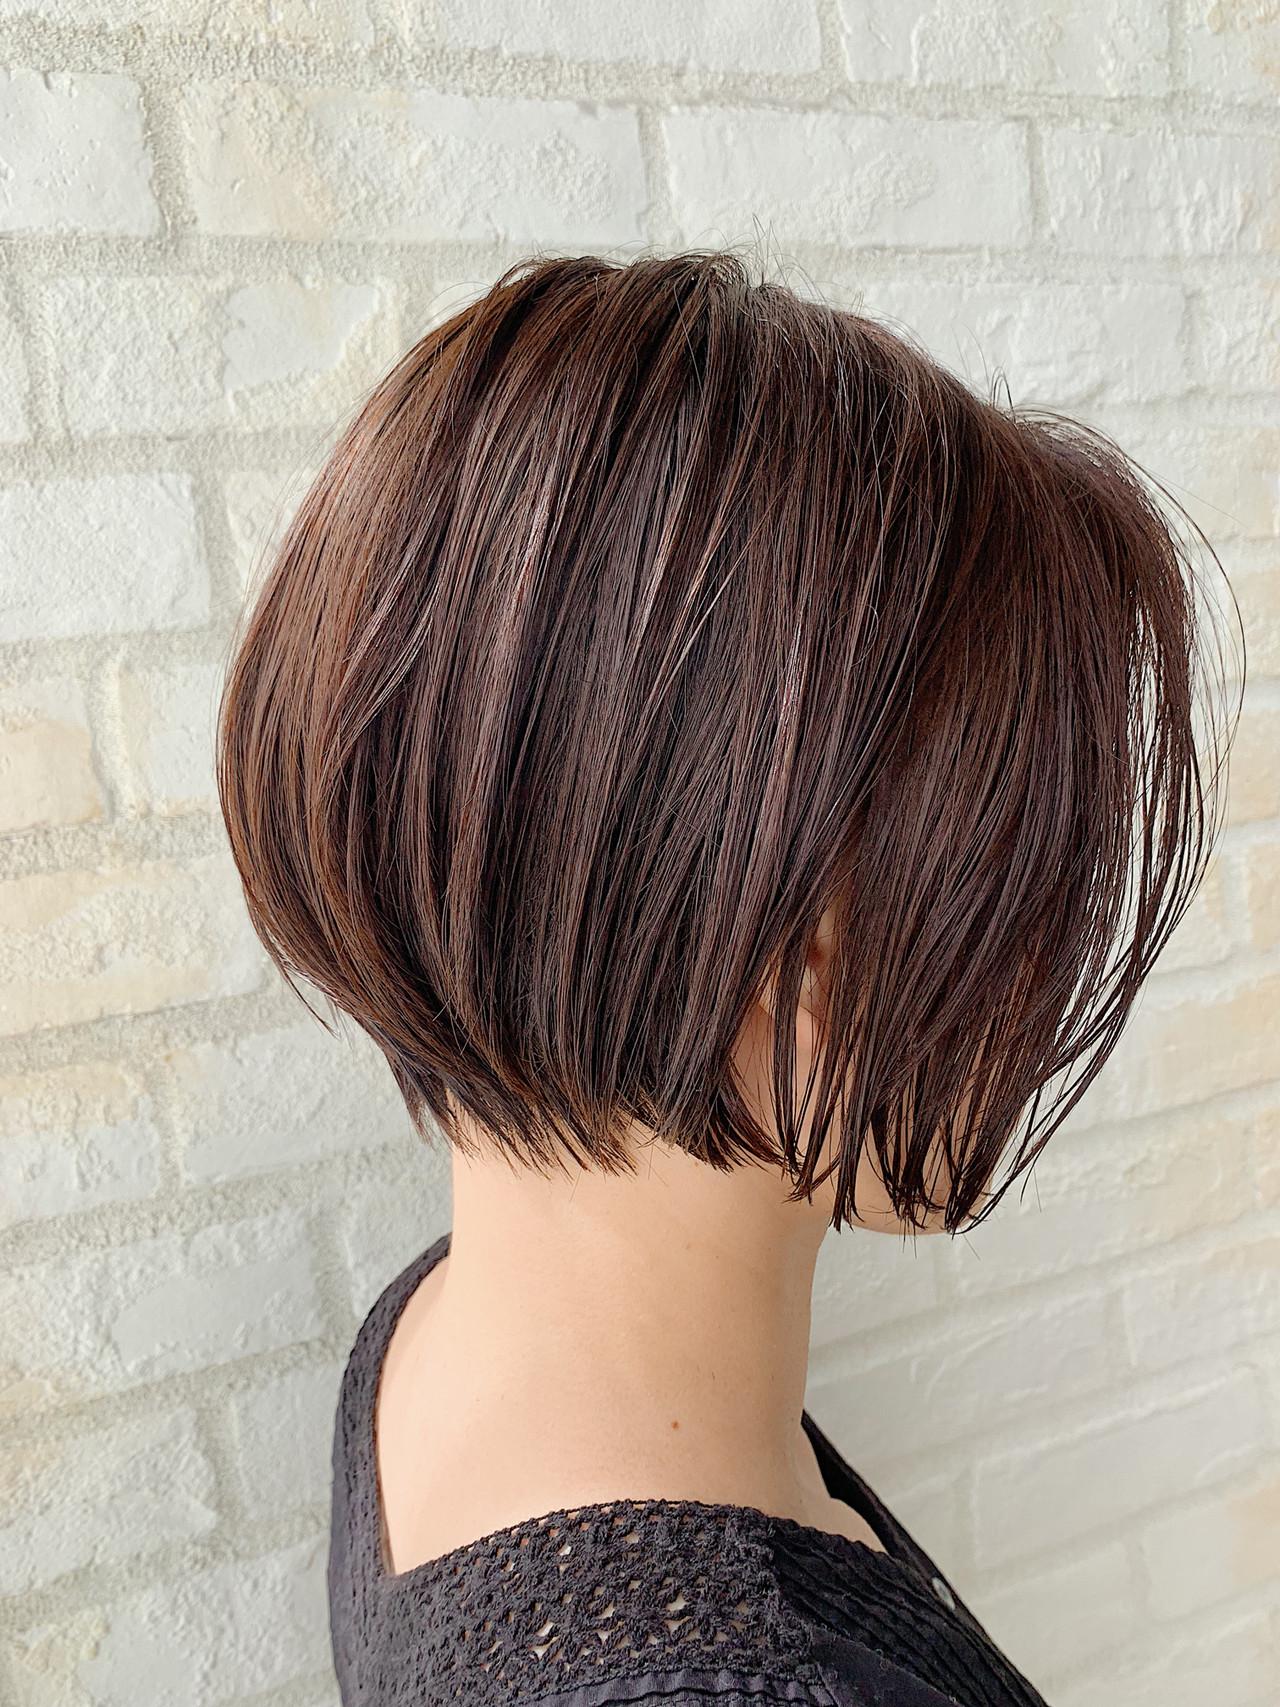 オフィス デート ショートヘア ナチュラル ヘアスタイルや髪型の写真・画像 | ショート ボブ/ 早田卓矢 / cocona hair maison+